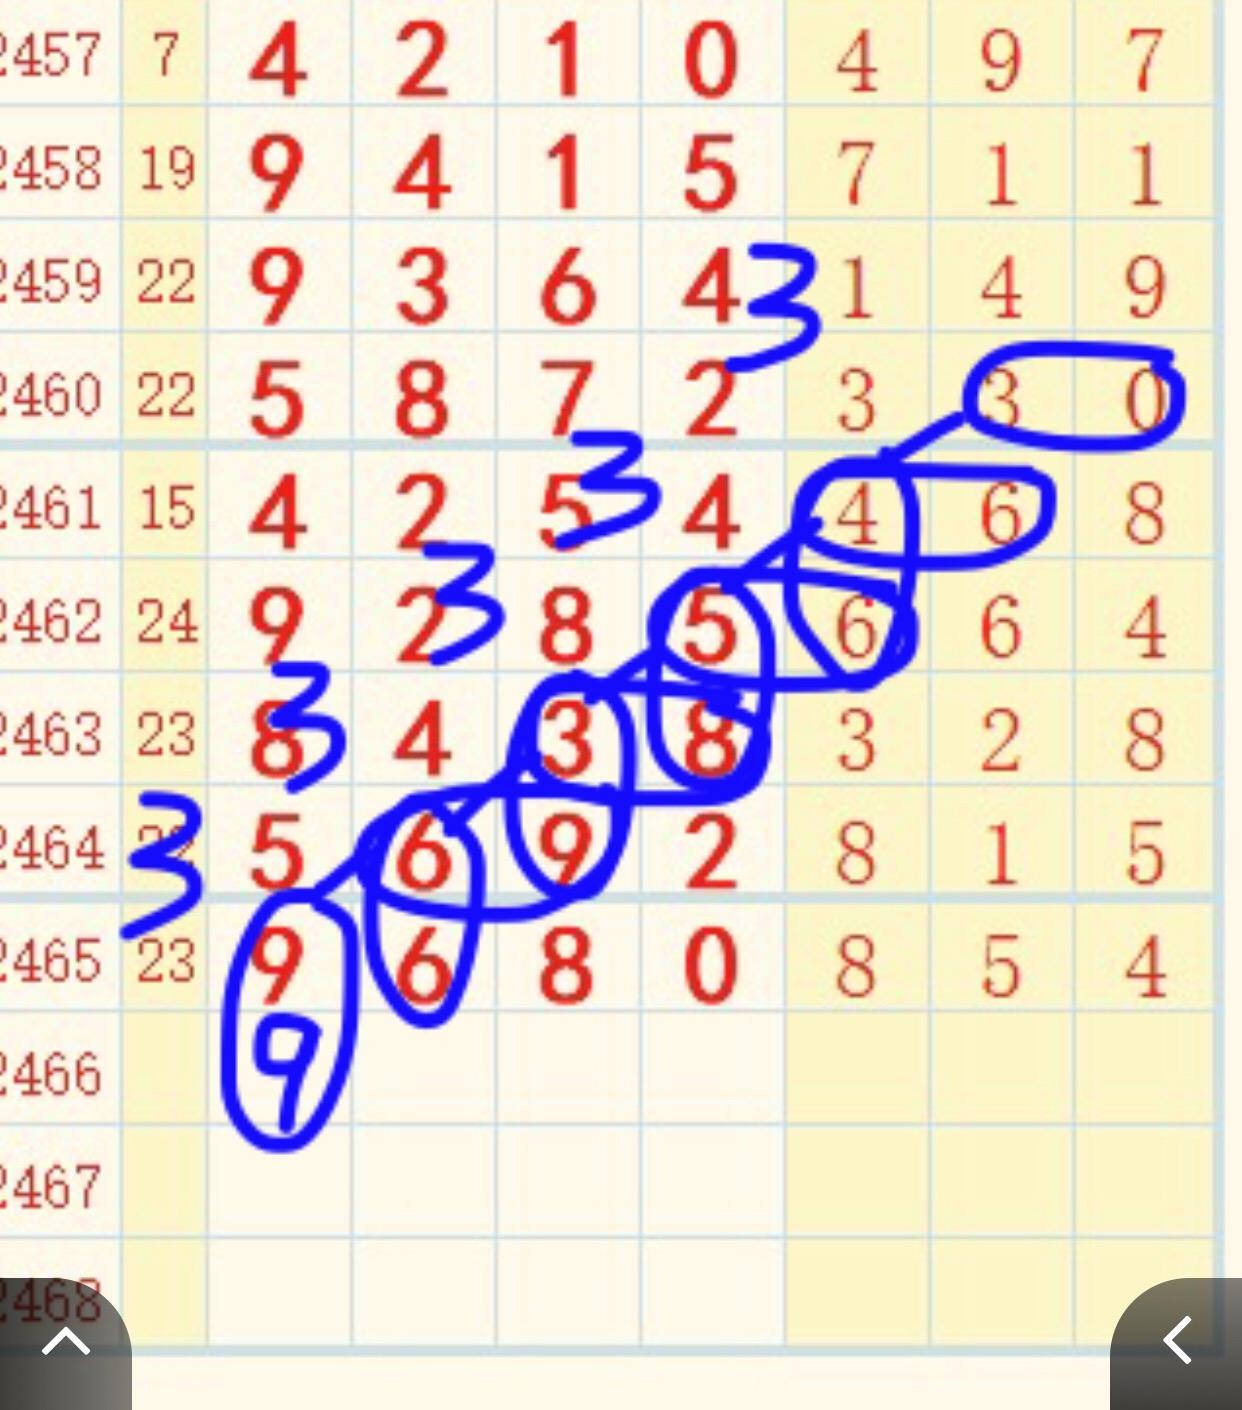 B8B26A4F-C2D6-414F-9748-EF68A1FB7CA8.jpeg